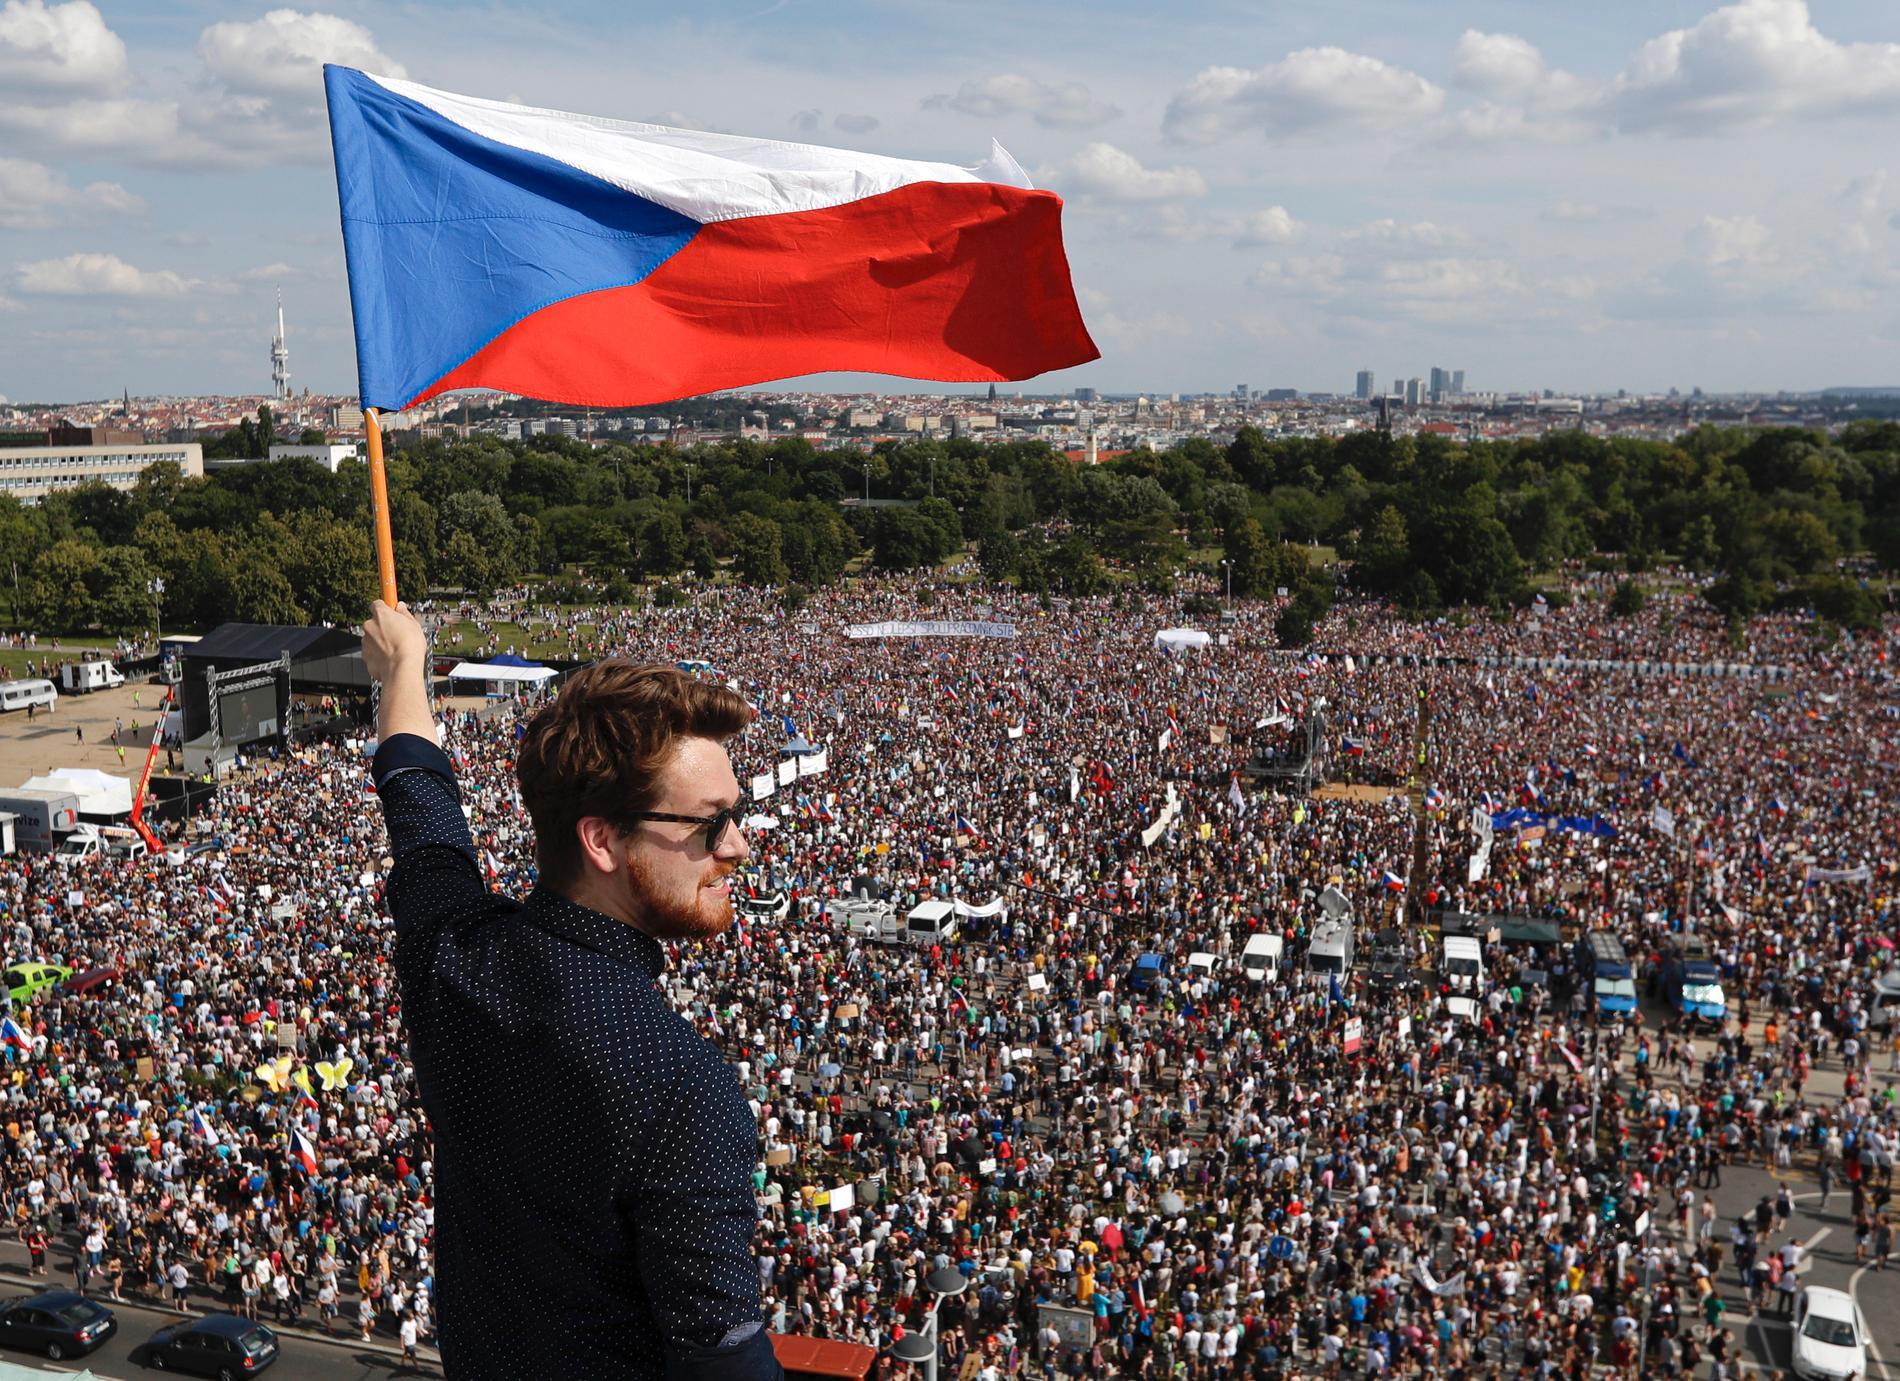 En man håller i den tjeckiska flaggan. I bakgrunden syns de tusentals demonstranter som samlats i Tjeckiens huvudstad Prag för att kräva premiärministerns avgång.